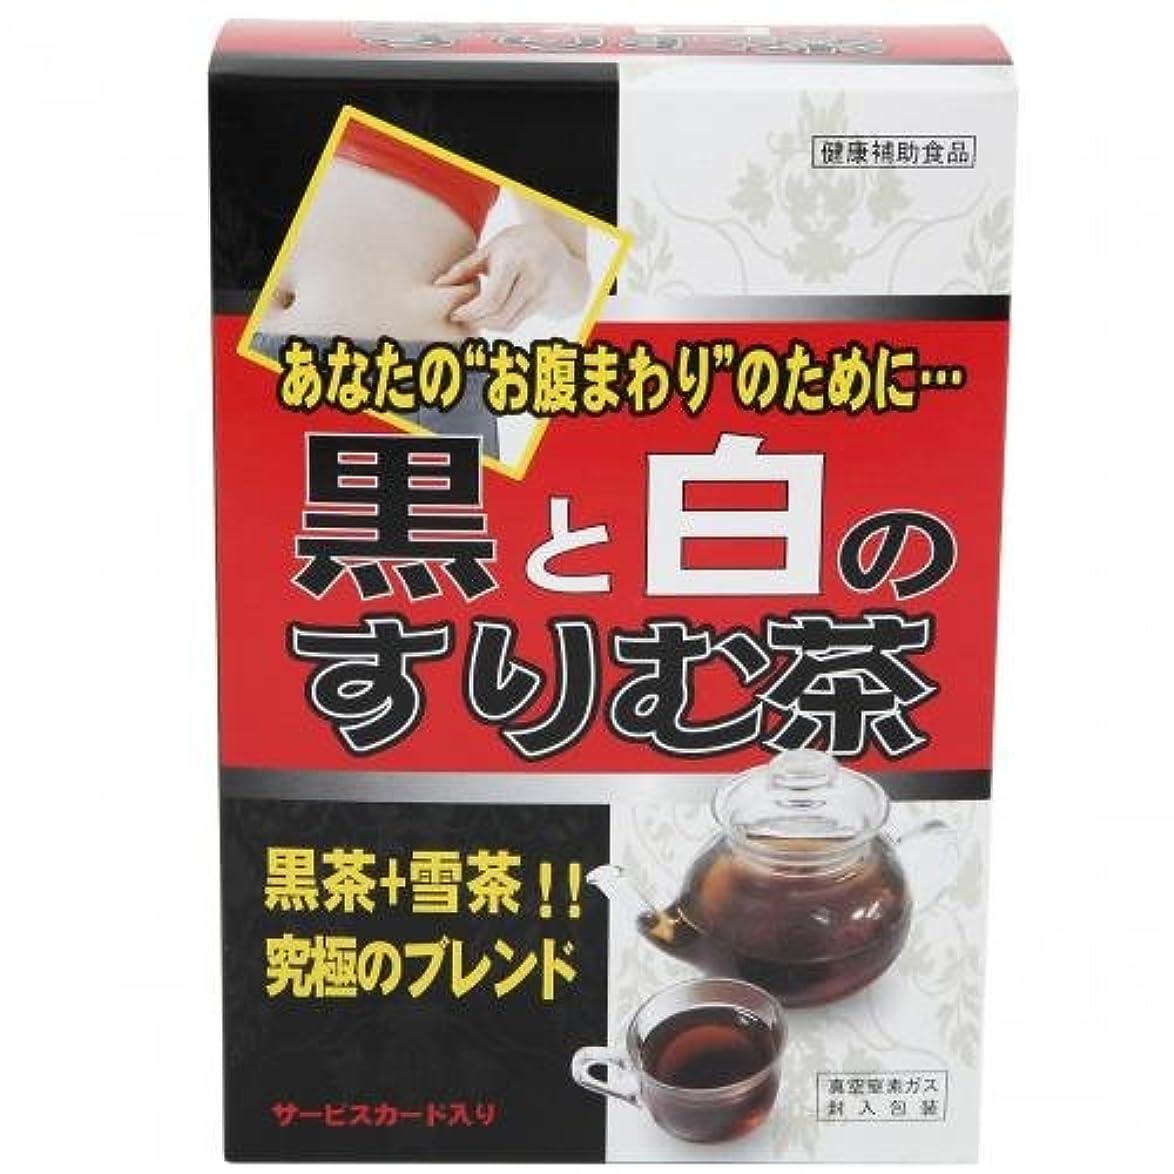 慈悲誇りくつろぎ共栄黒と白のすりむ茶 24包